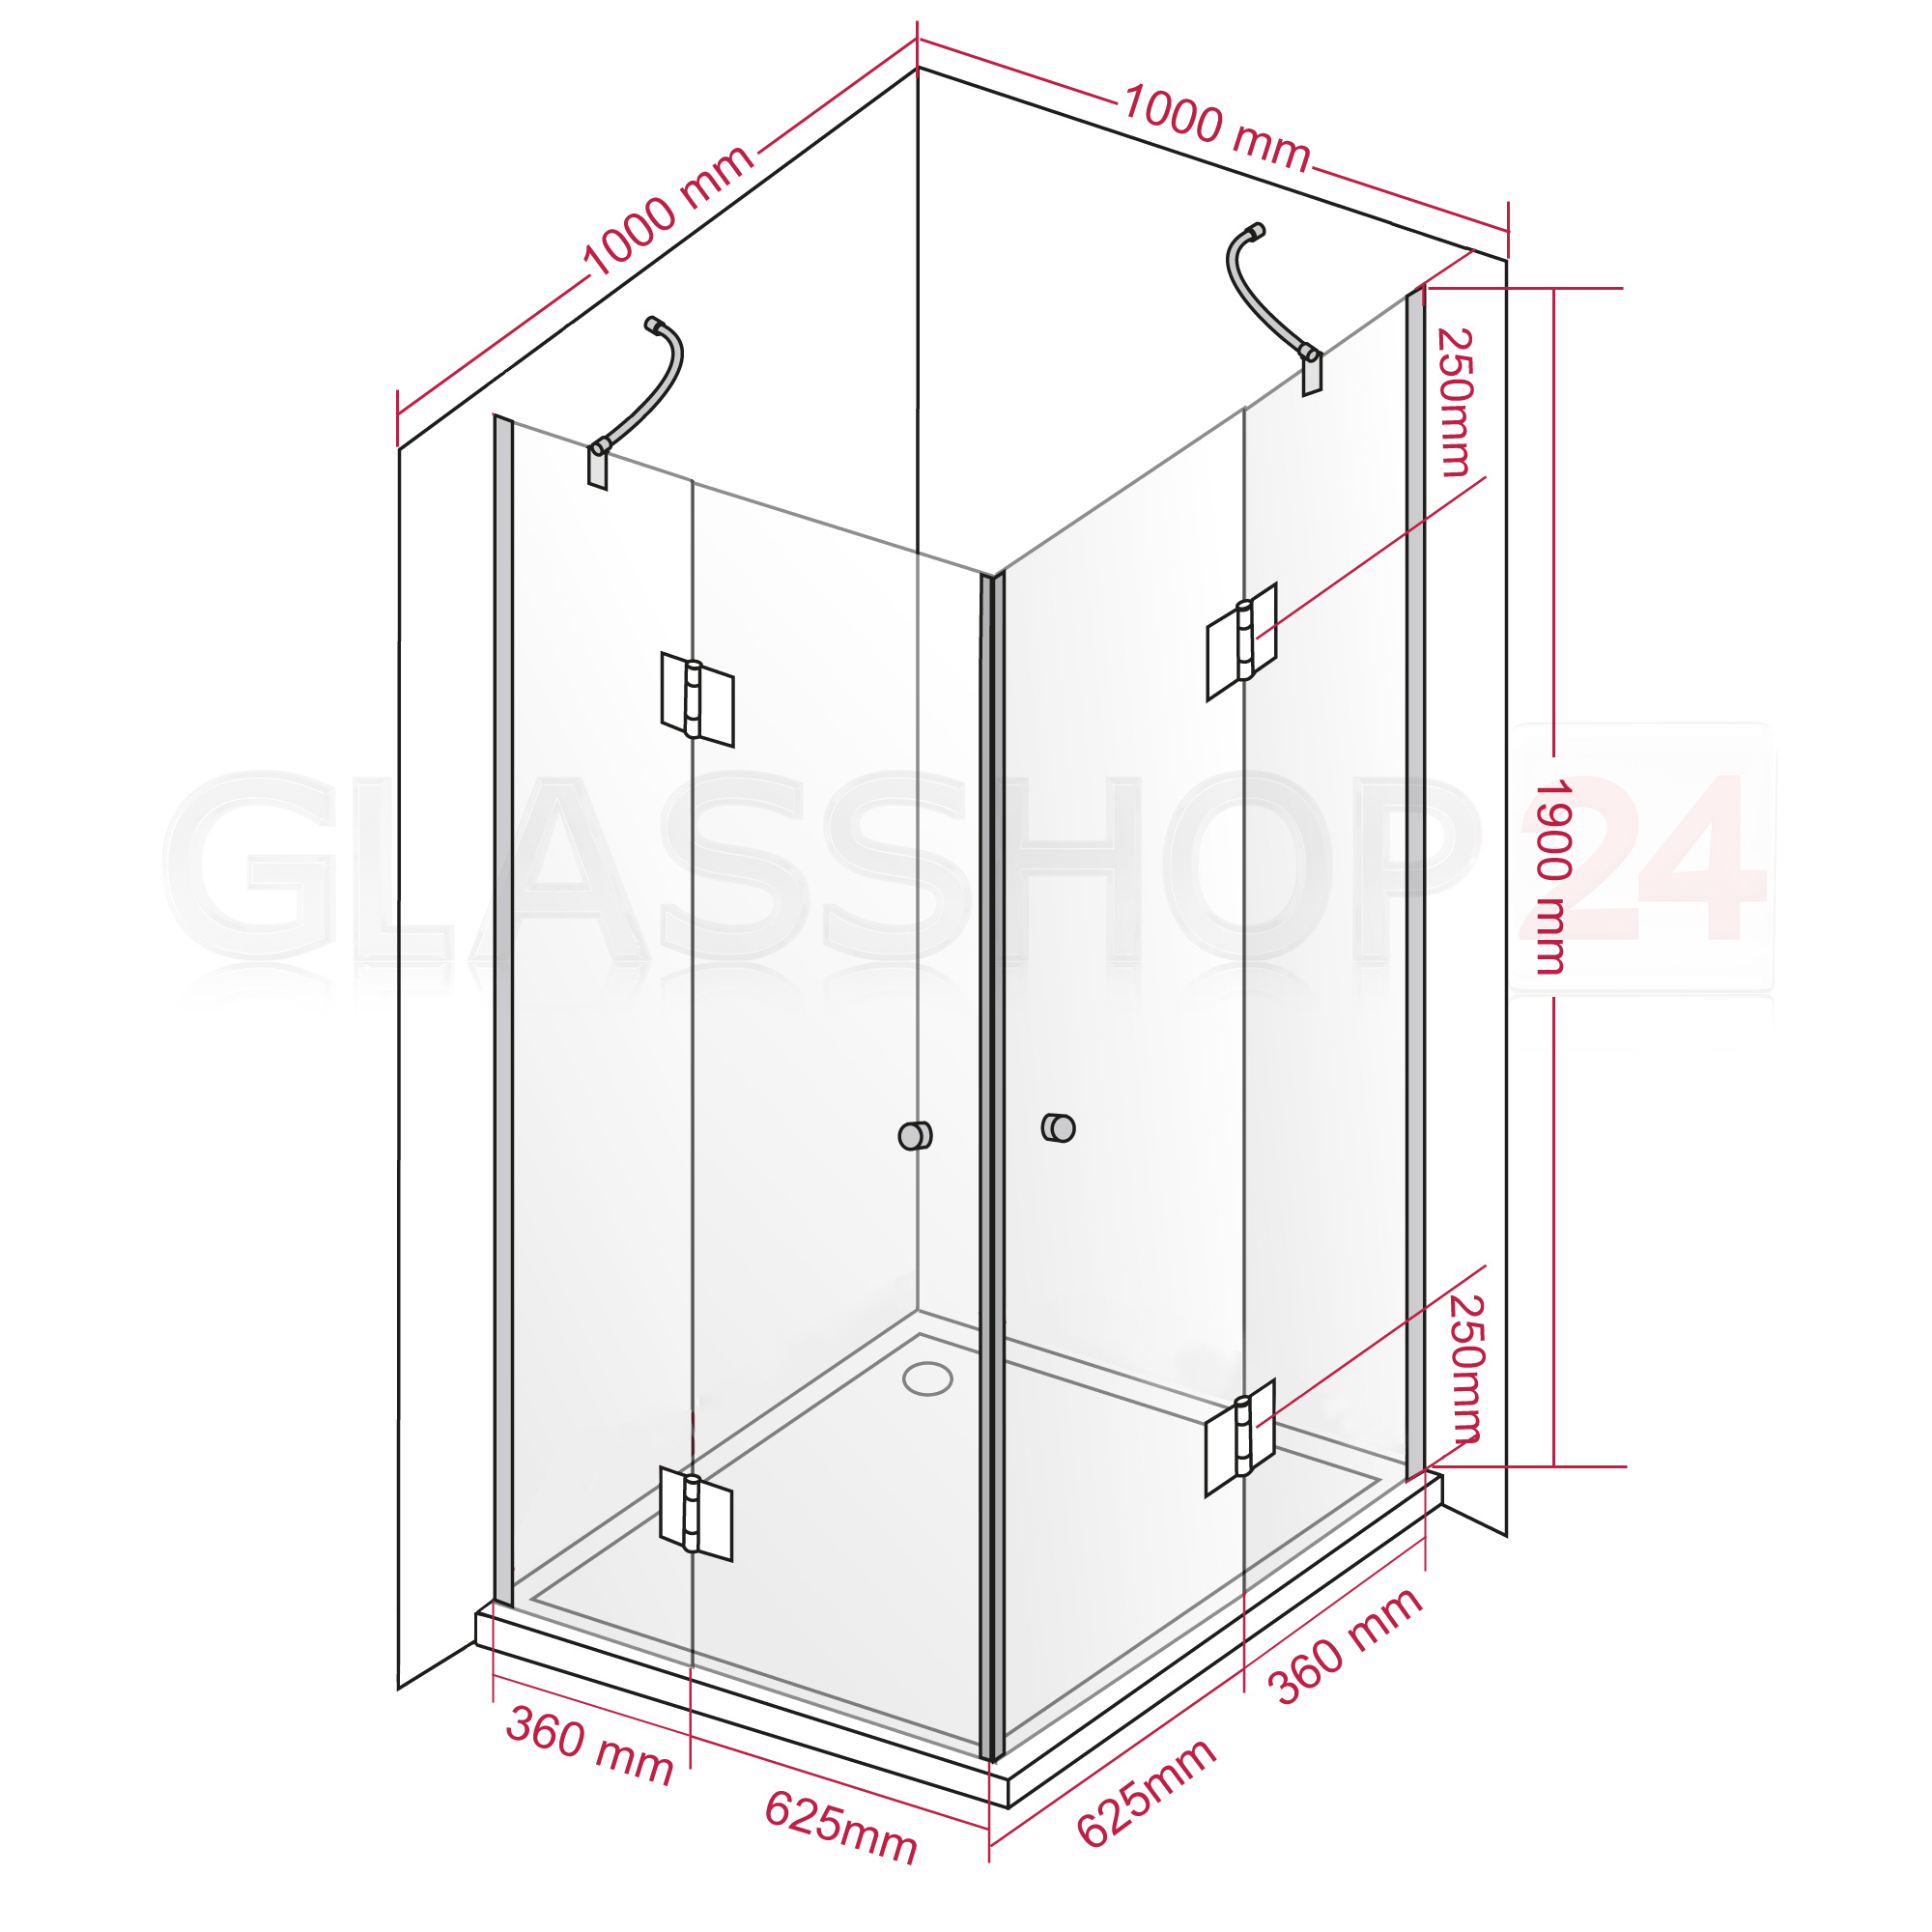 Dusche maße  Dusche Maße | gispatcher.com